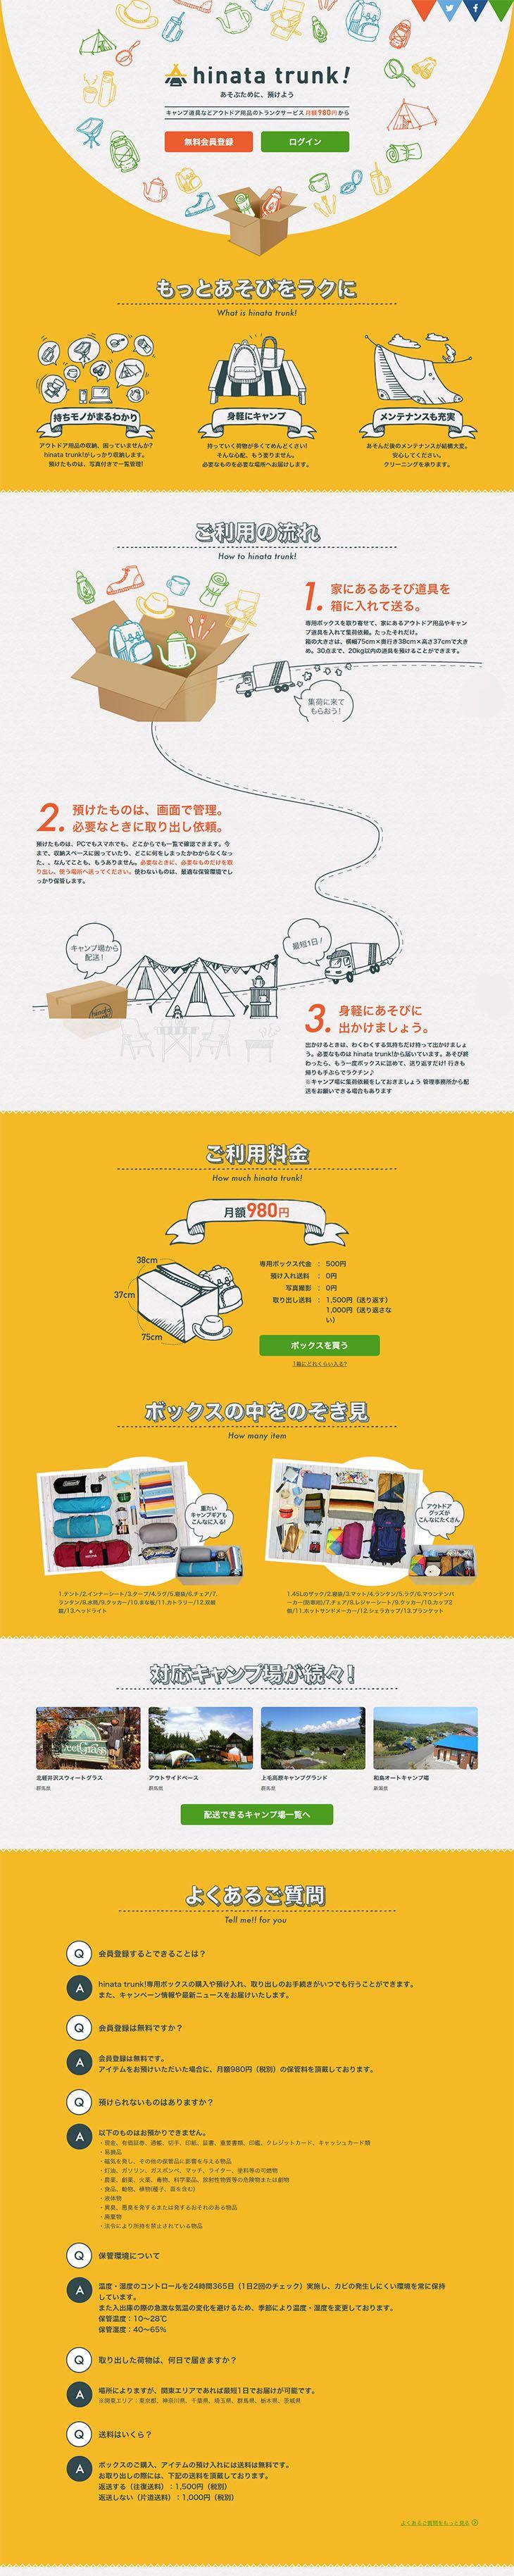 hinata trunk!【アウトドア関連】のLPデザイン。WEBデザイナーさん必見!ランディングページのデザイン参考に(かわいい系)